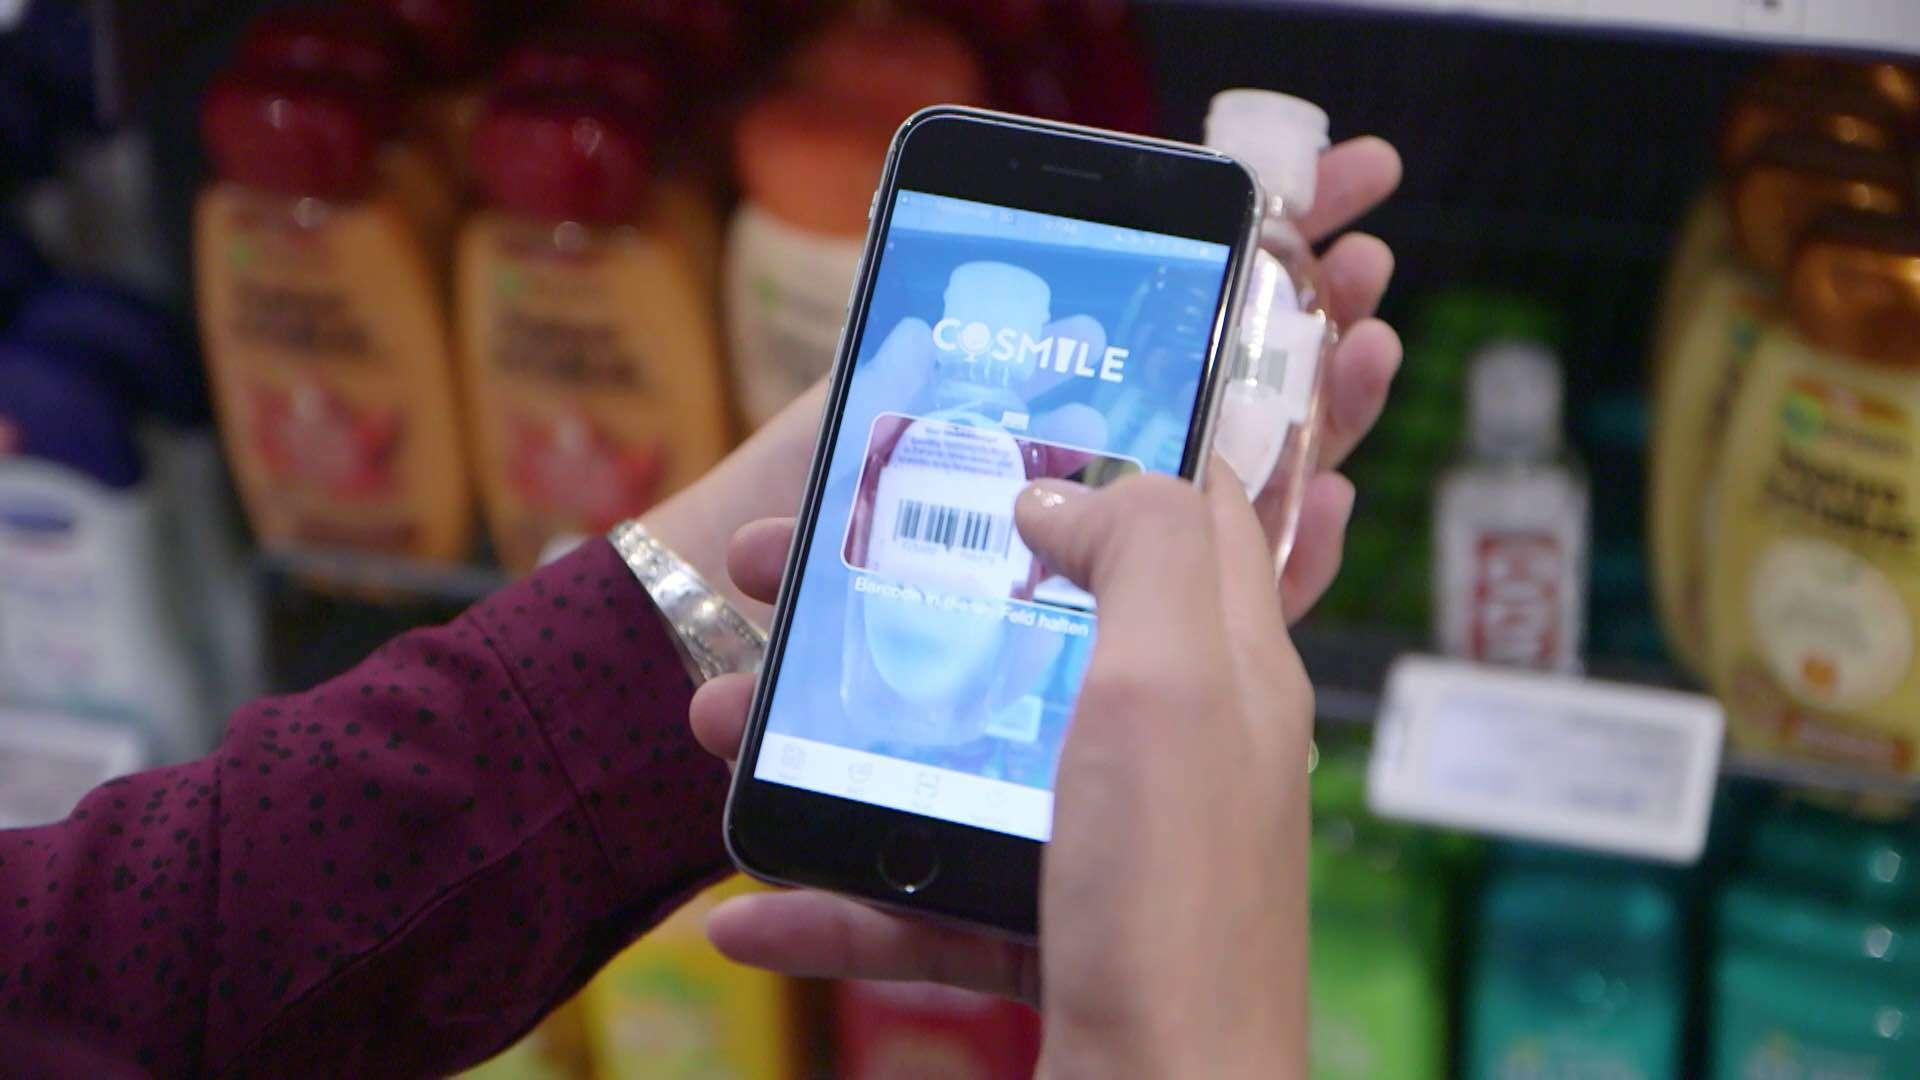 Eine Person fotografiert den Strichcode von einem Produkt in einem Geschäft